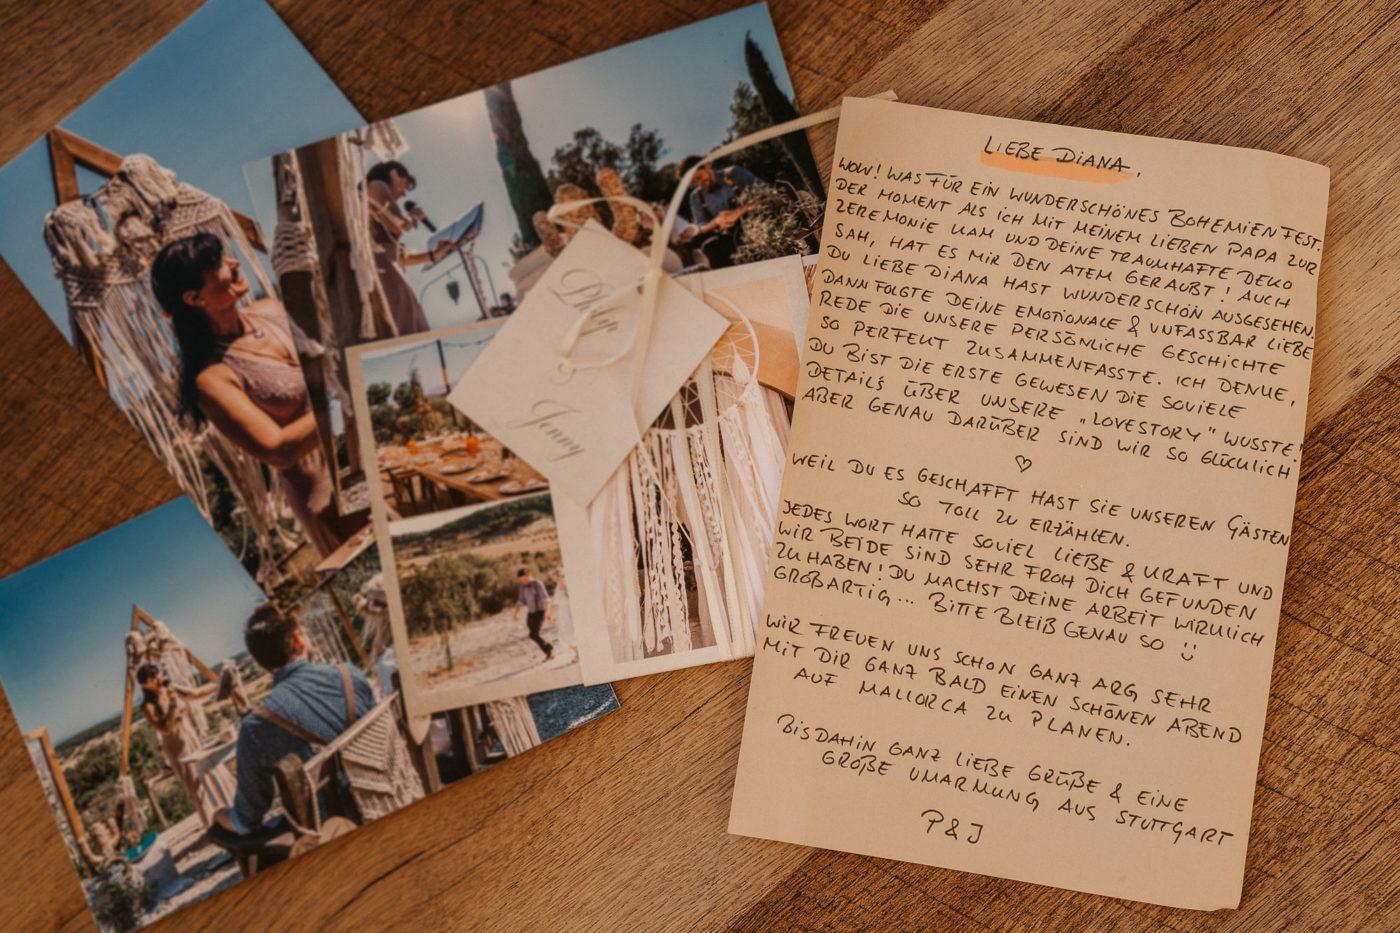 Dankesbrief der Mallorca Boho Braut an mich